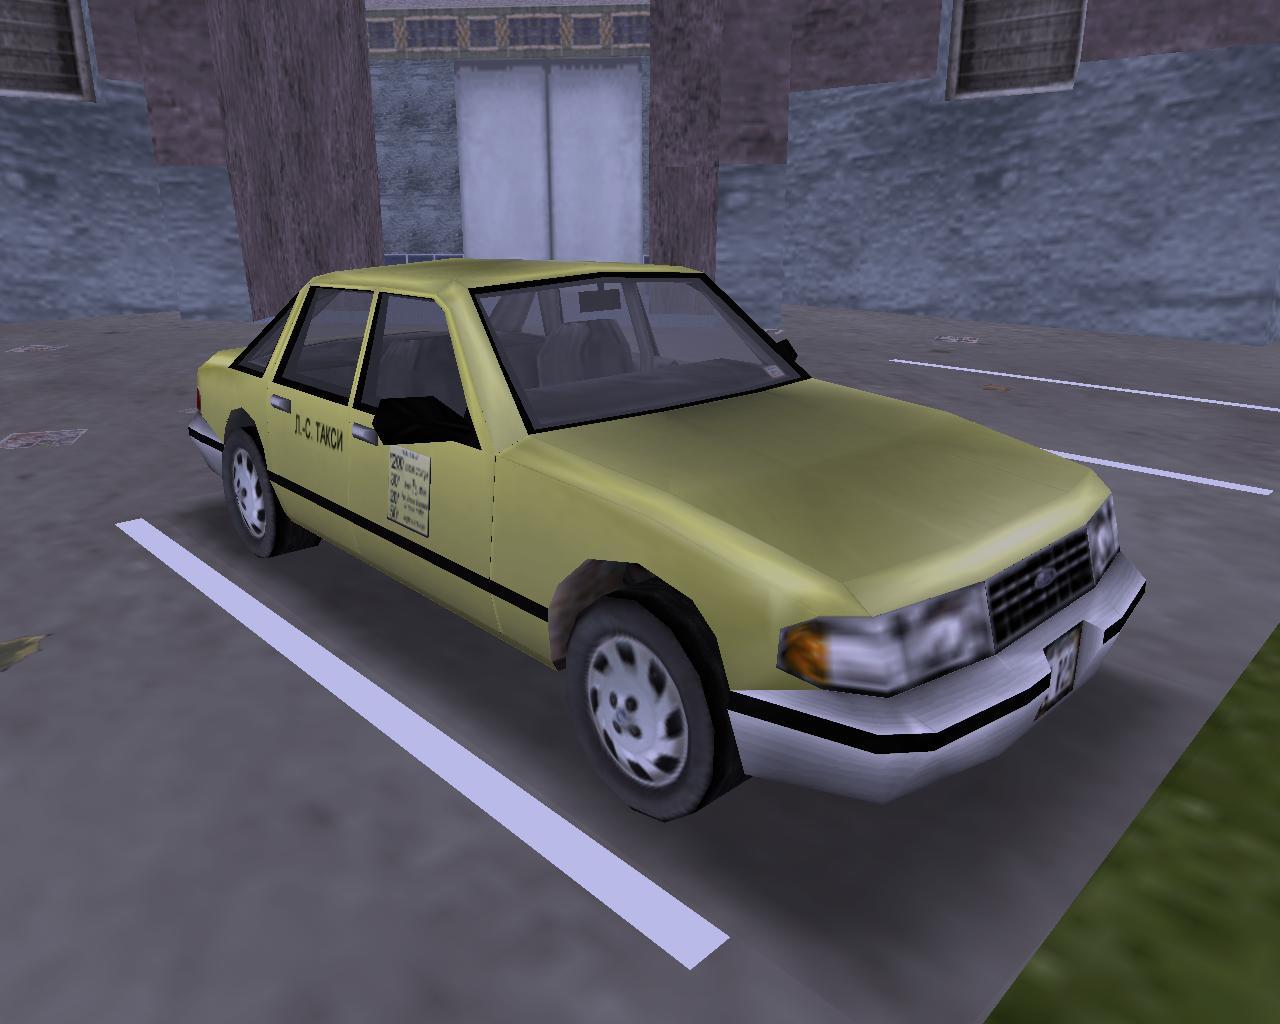 31. Taxi (NE) - Grand Theft Auto 3